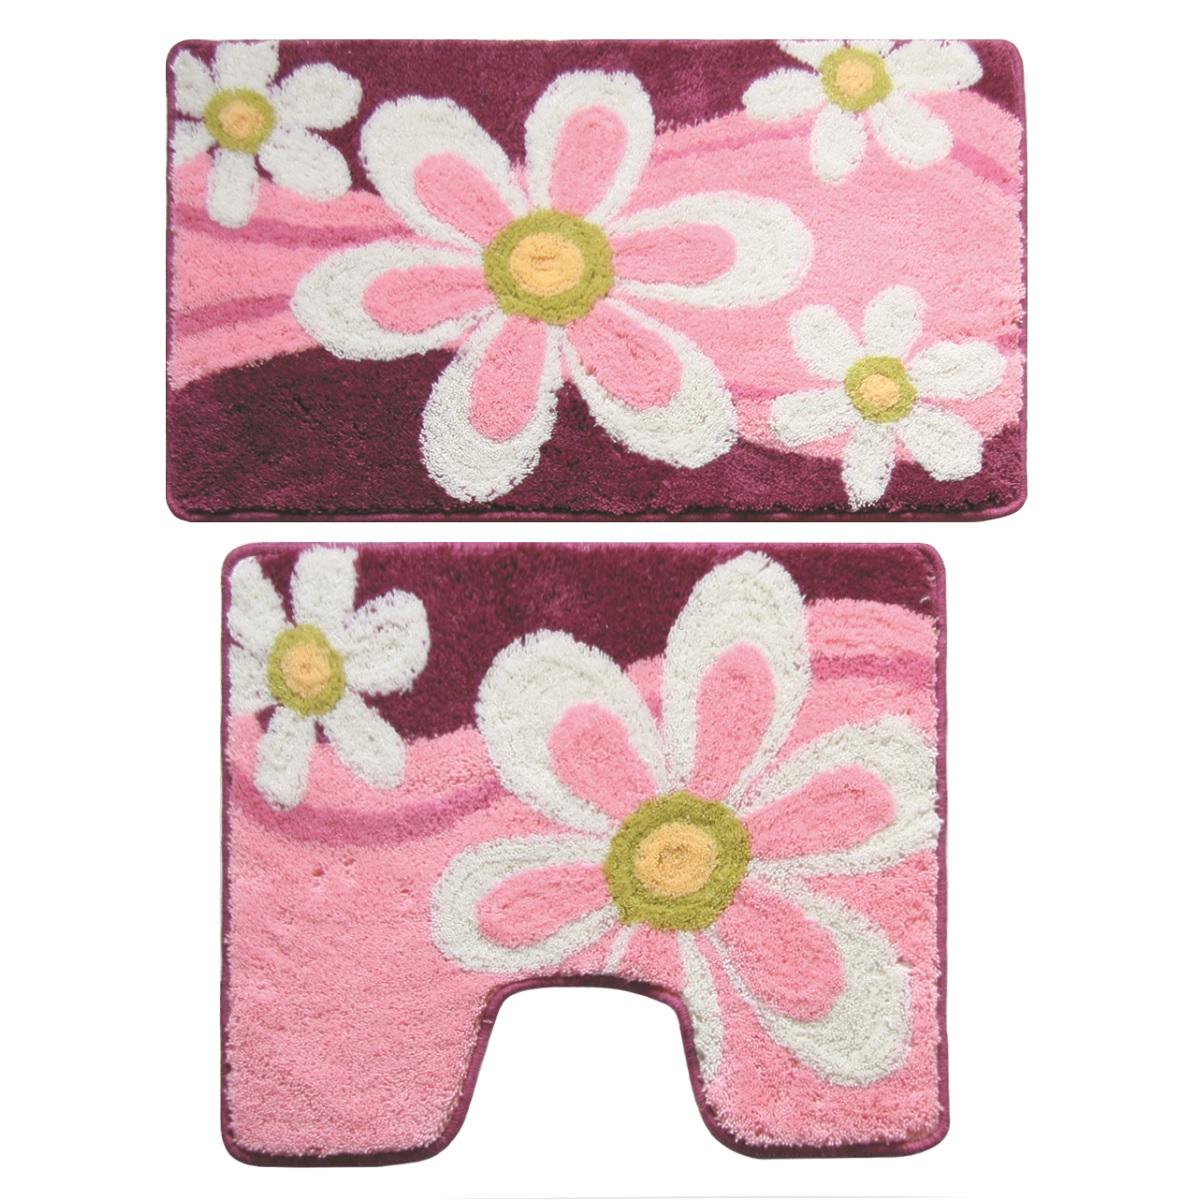 Набор ковриков для ванной Milardo Merry Camomile, цвет: розовый, 2 шт360PA68M13Набор Milardo Curvy Esplanade состоит из двух ковриков для ванной комнаты: прямоугольного и с вырезом. Изделия изготовлены из 90% полиэстера и 10% акрила . Благодаря специальной обработки нижней стороны, коврики не скользят на плитке. Яркий дизайн позволит оформить ванную комнату по вашему вкусу .Размер ковриков: 80 см х 50 см; 50 см х 50 см.Высота ворса: 1,5 см.